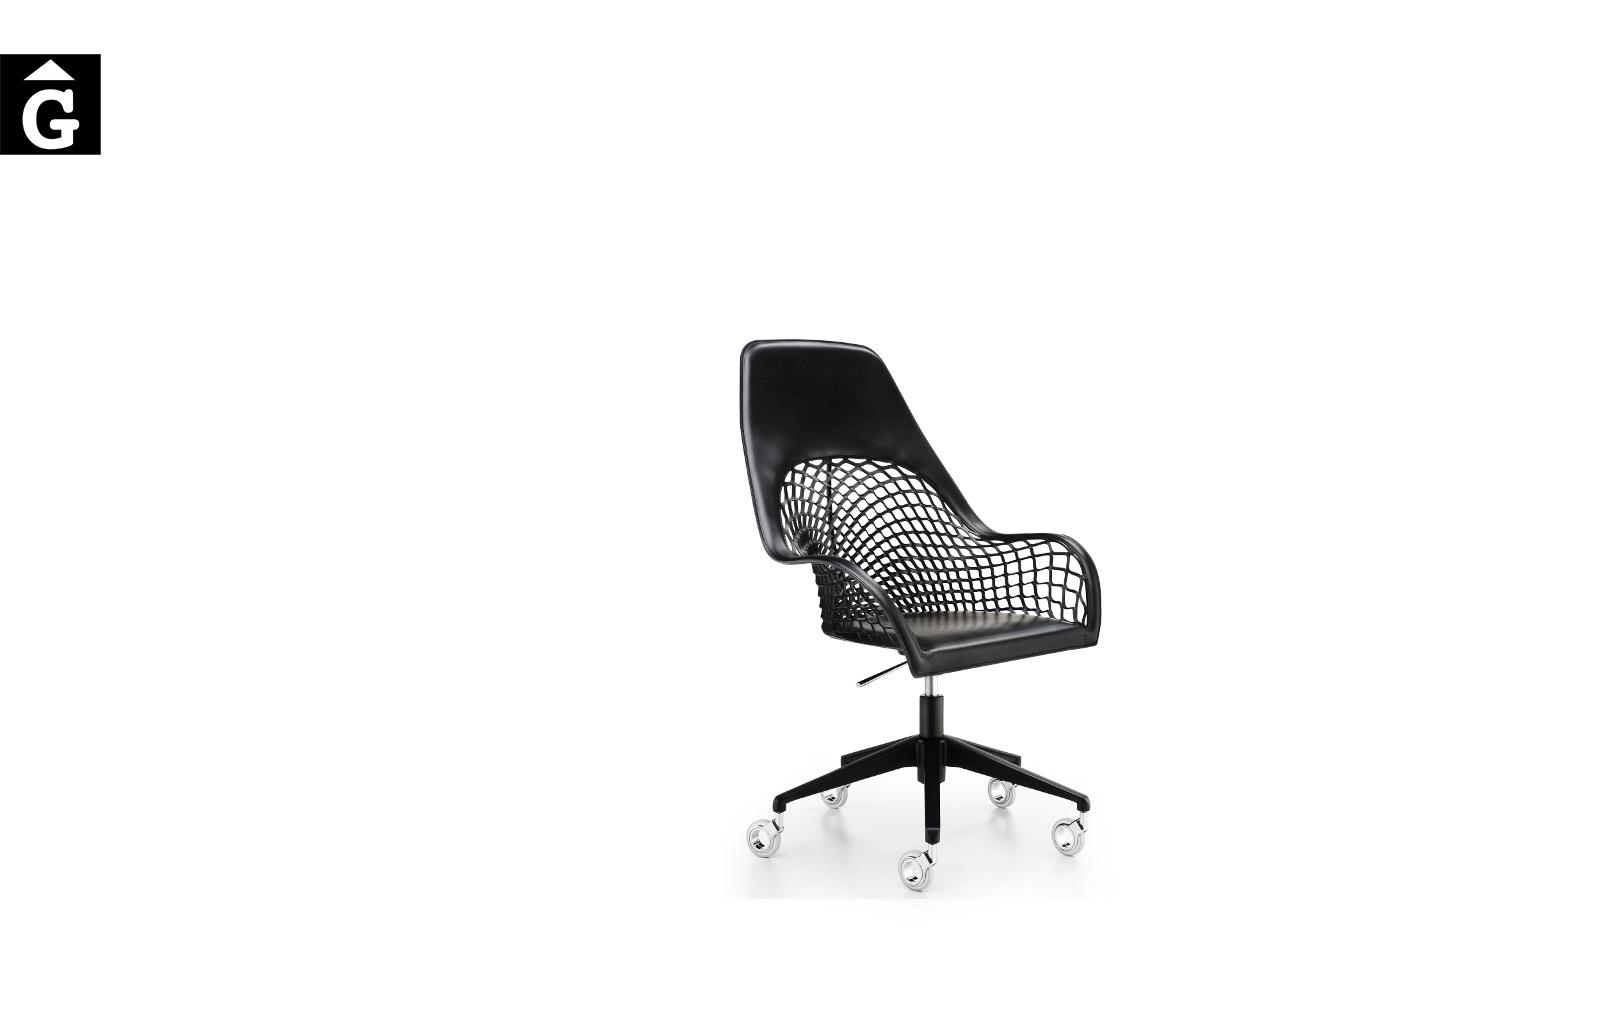 Cadira amb rodes i malla pell Guapa DPA CU de MIDJ Disseny Sempere#Poli |Taules i cadires de disseny actual | modern i conservador| casual i elegant | mobles Gifreu | Productes de qualitat